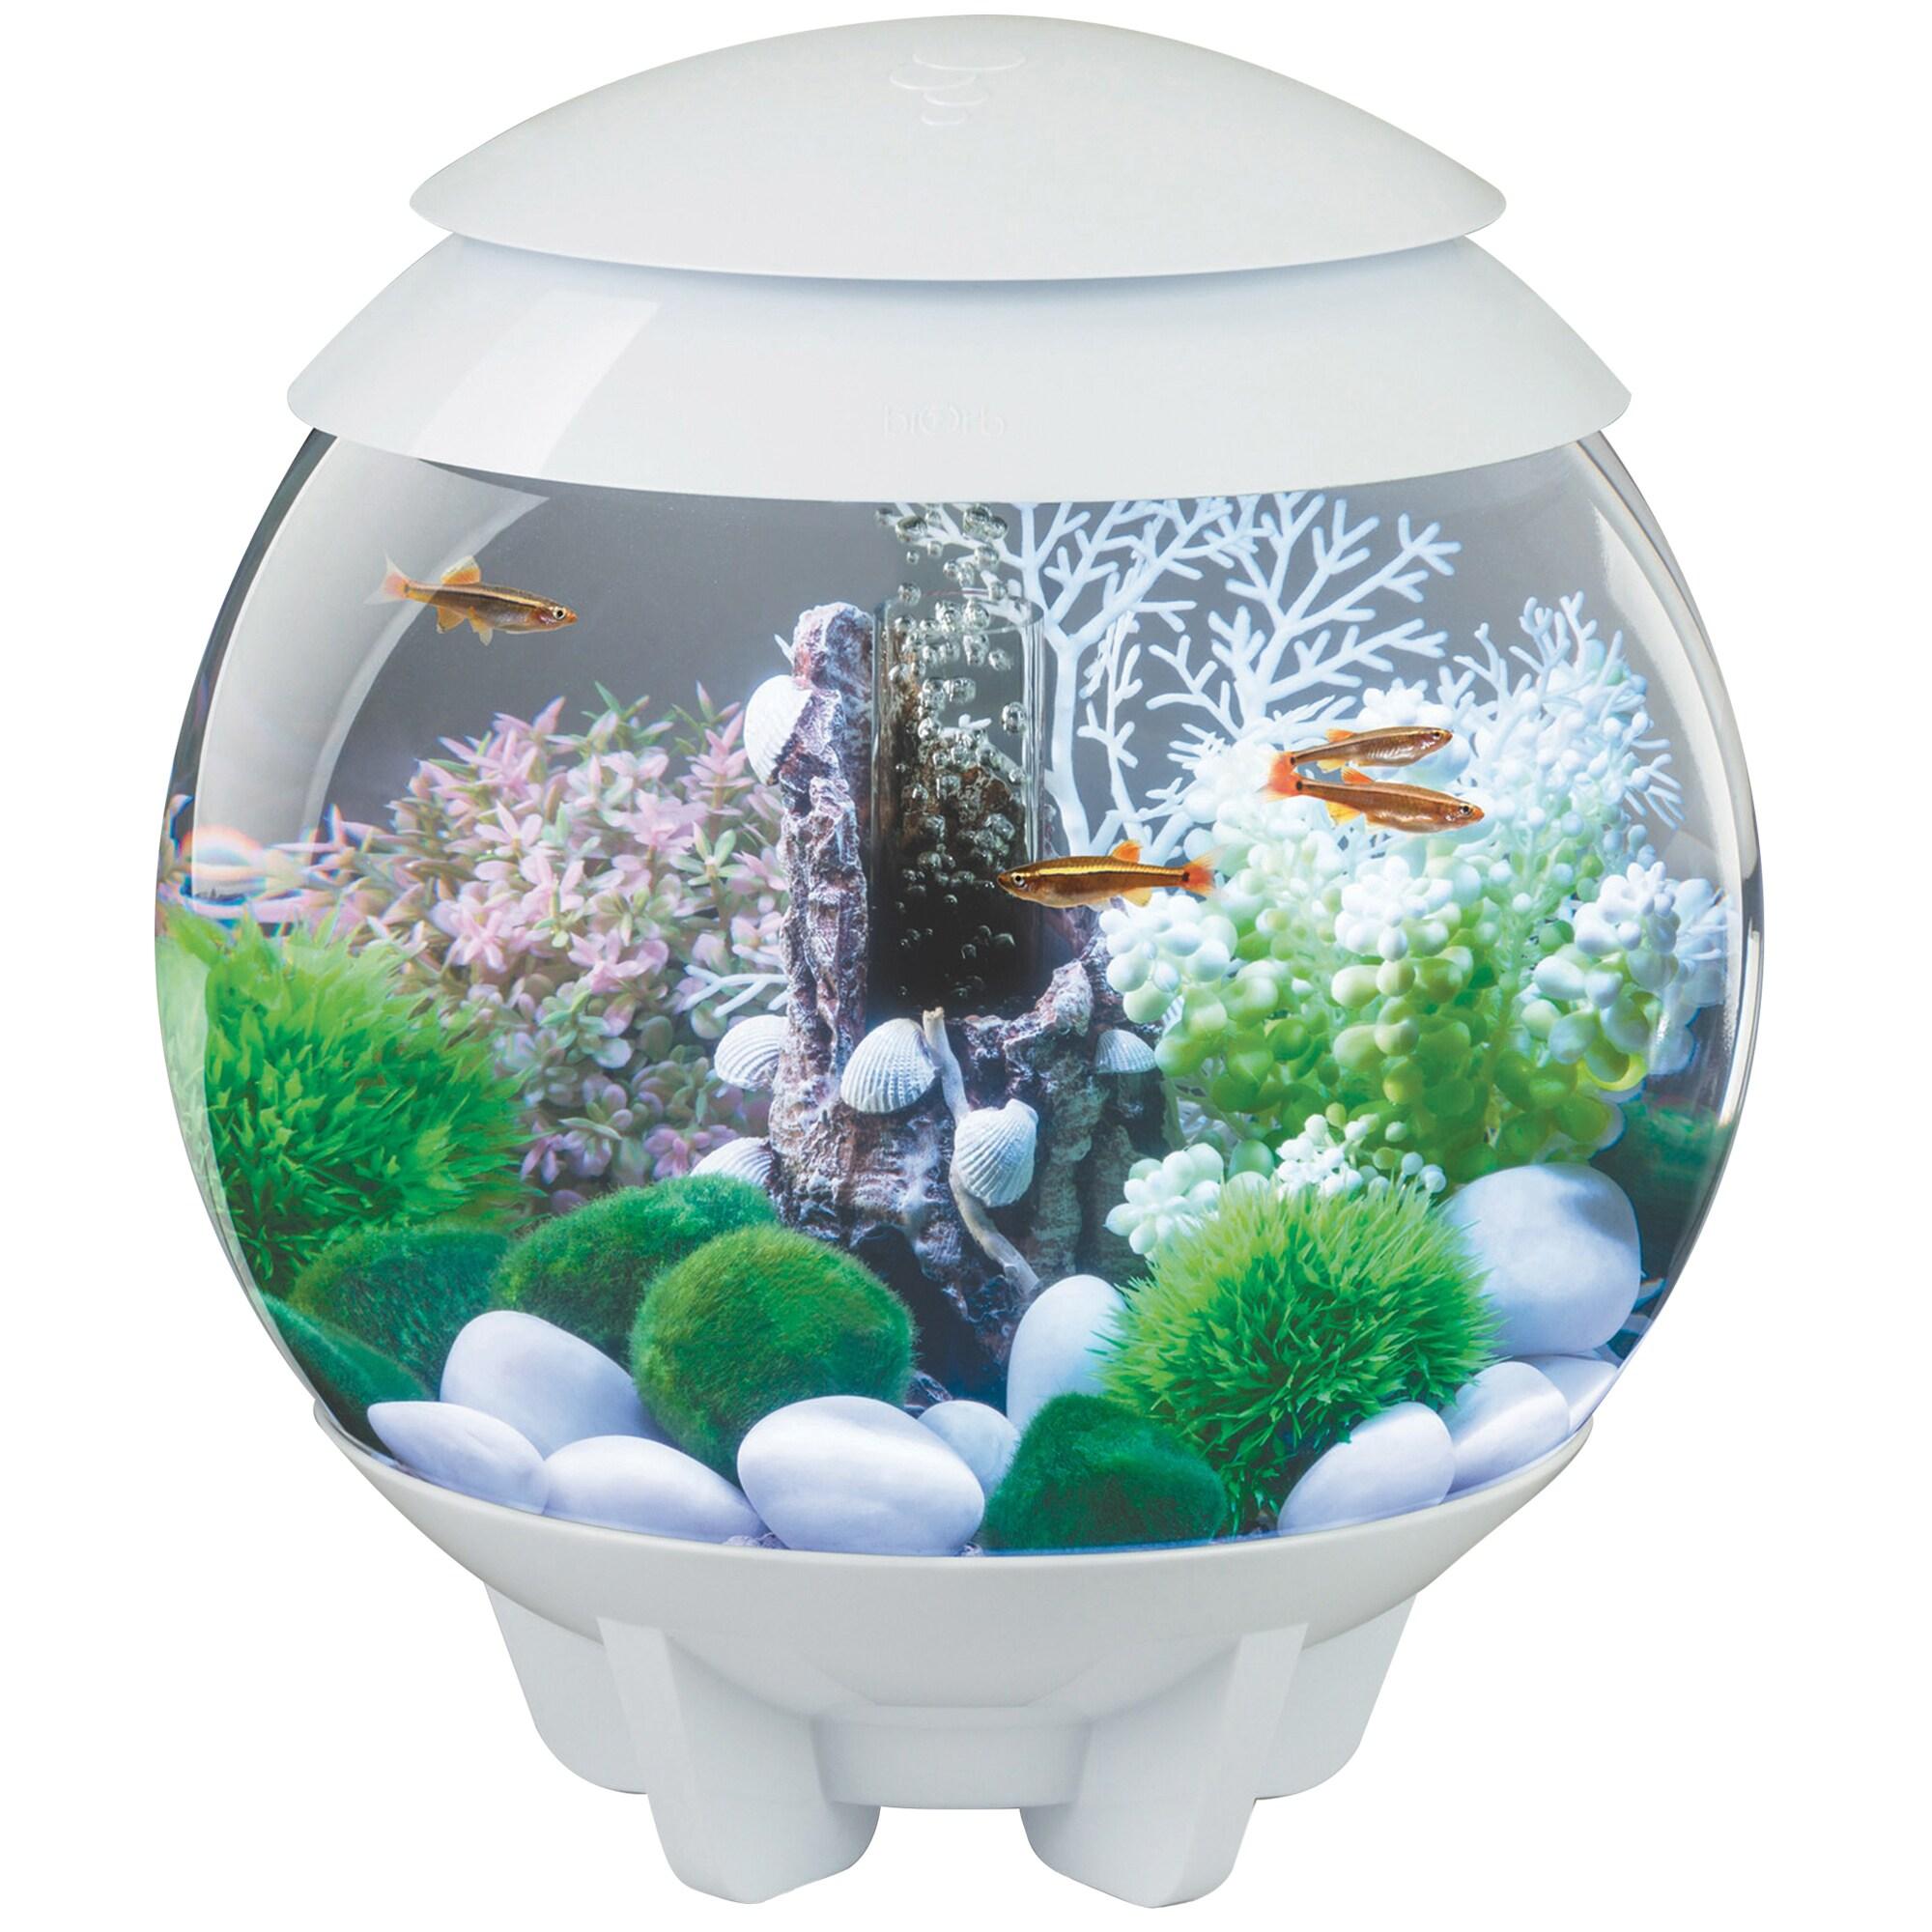 biOrb Halo 4 Gallon Acrylic White Aquarium (White), Size ...